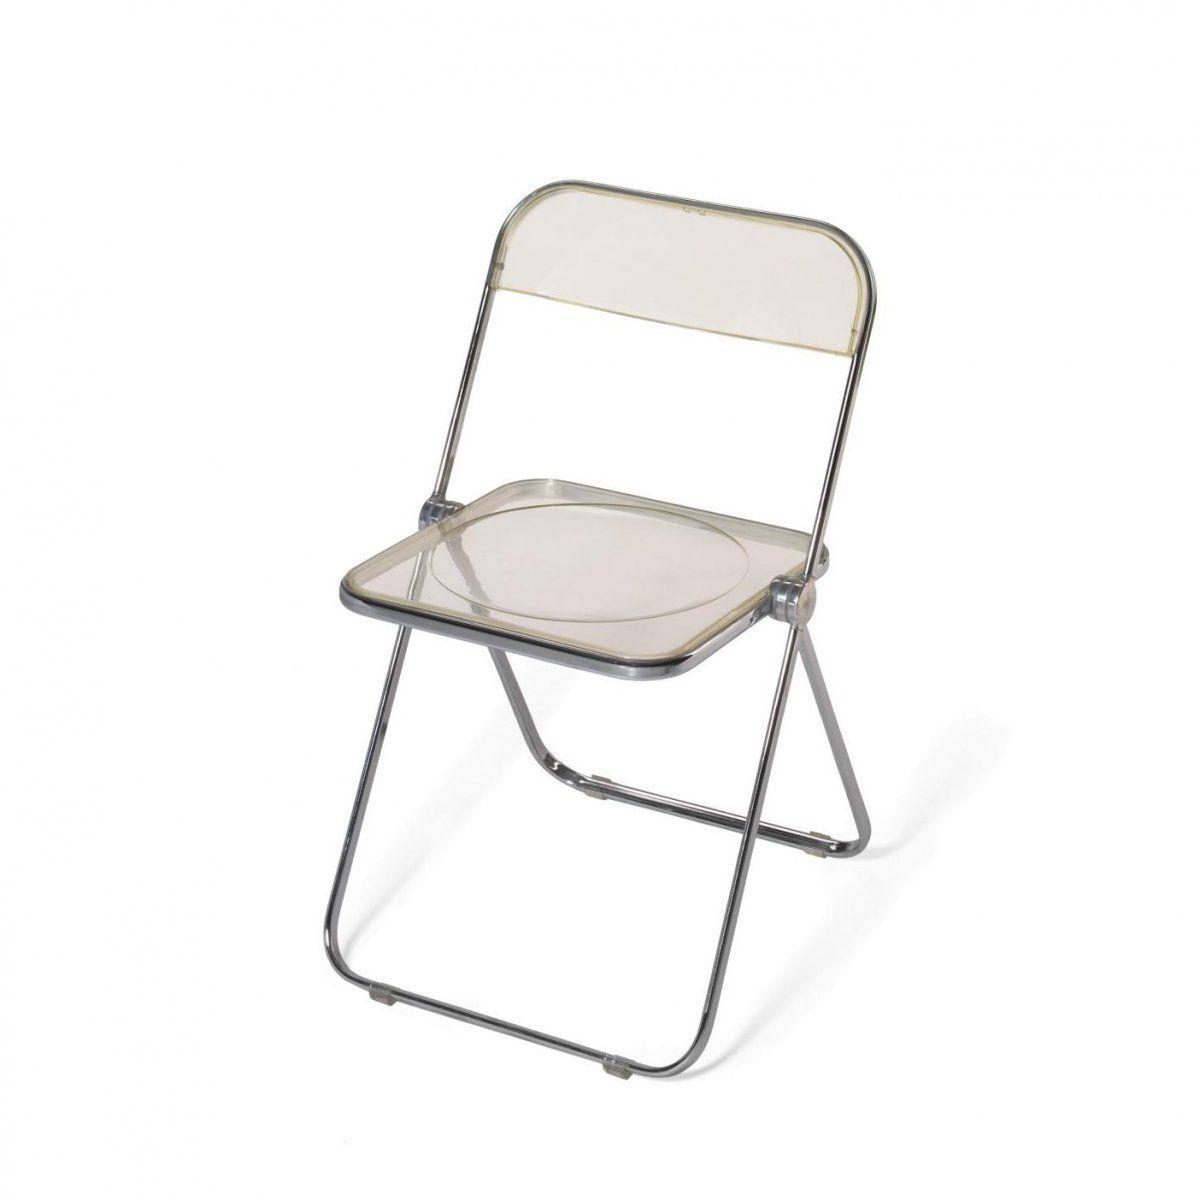 Plia Chair Folding Chair Plastic Chair